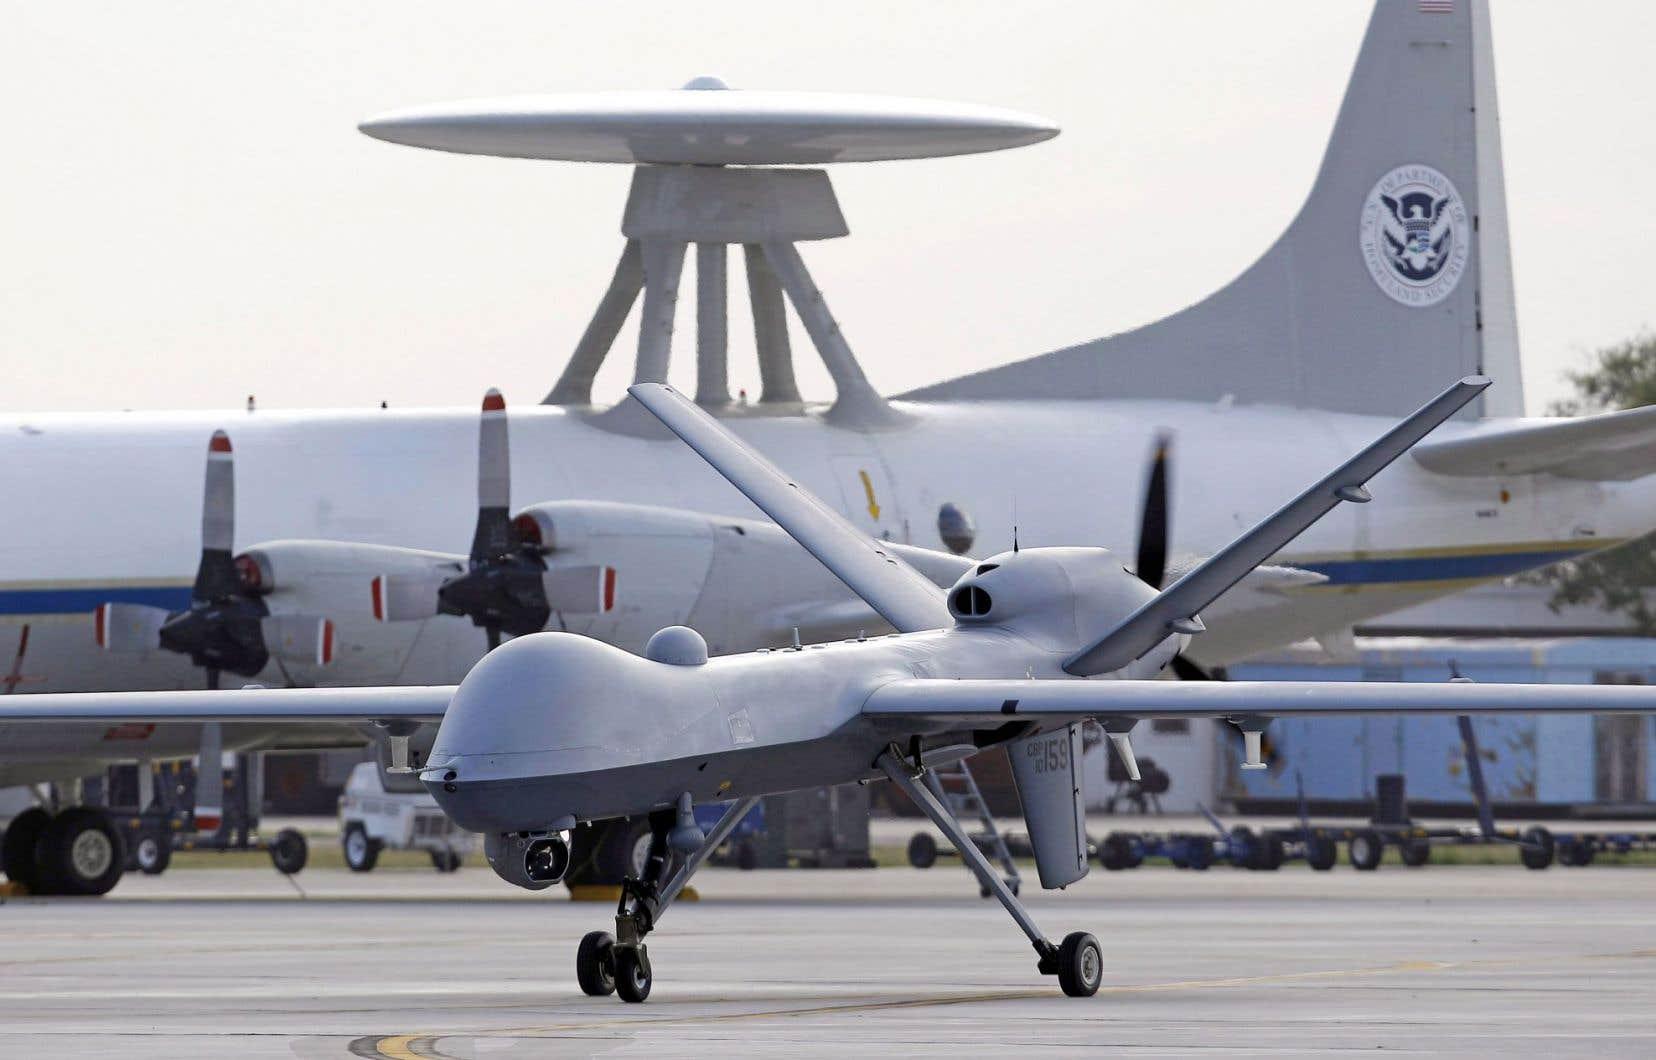 Engins sans présence humaine, les drones sont devenus l'arme secrète des troupes américaines.